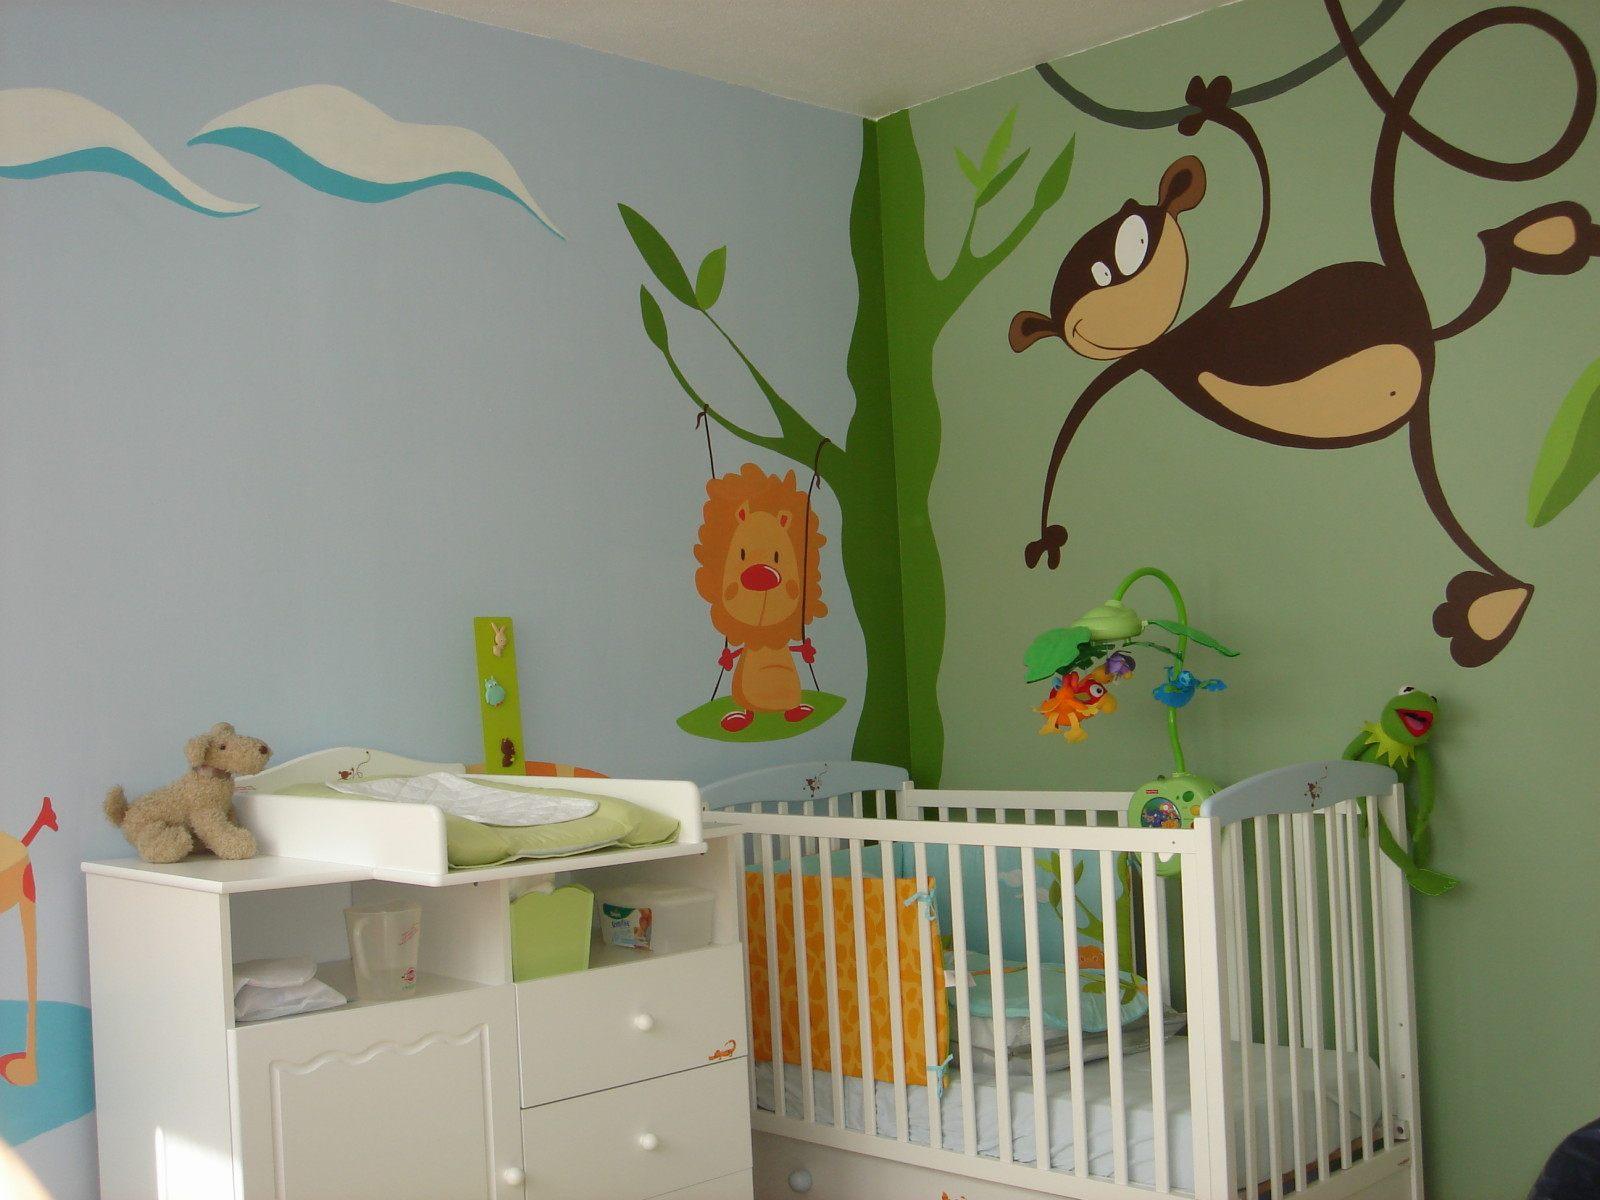 Lit Superposé Bébé De Luxe Applique Murale Chambre Bébé Lustre Chambre Bébé Fille élégant Parc